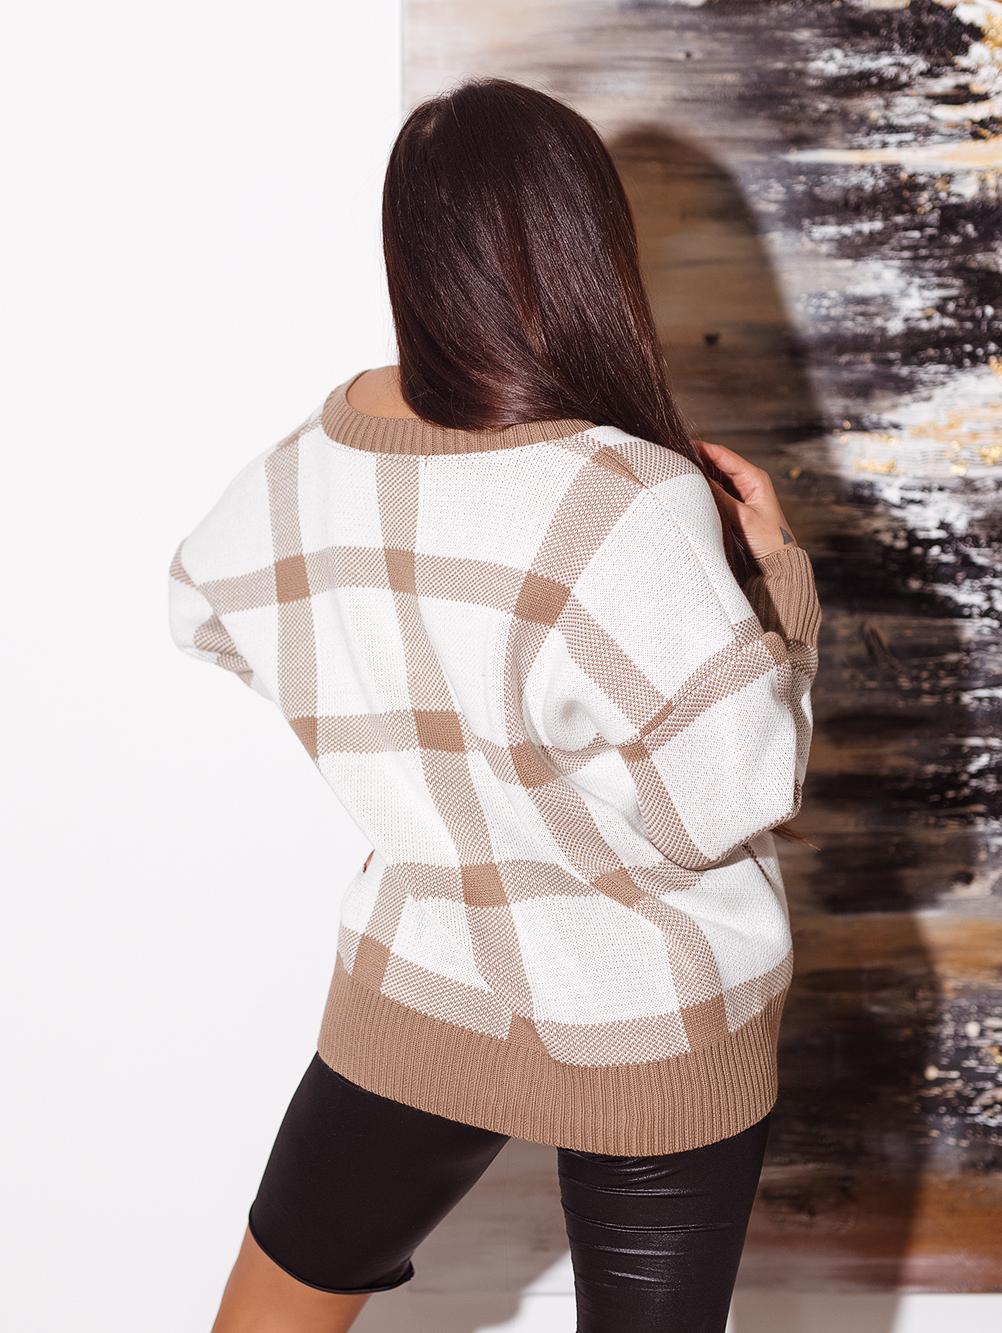 bialo-camelowy-sweter-damski-z-dekoltem-w-v-w-krate (2)